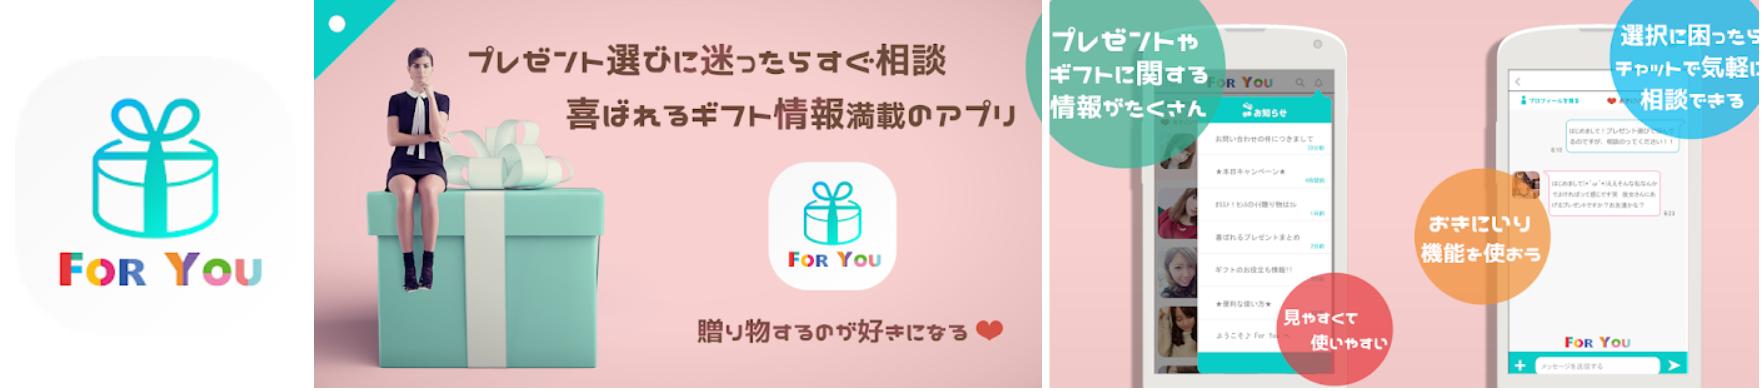 悪質詐欺出会い系アプリ「ForYou」